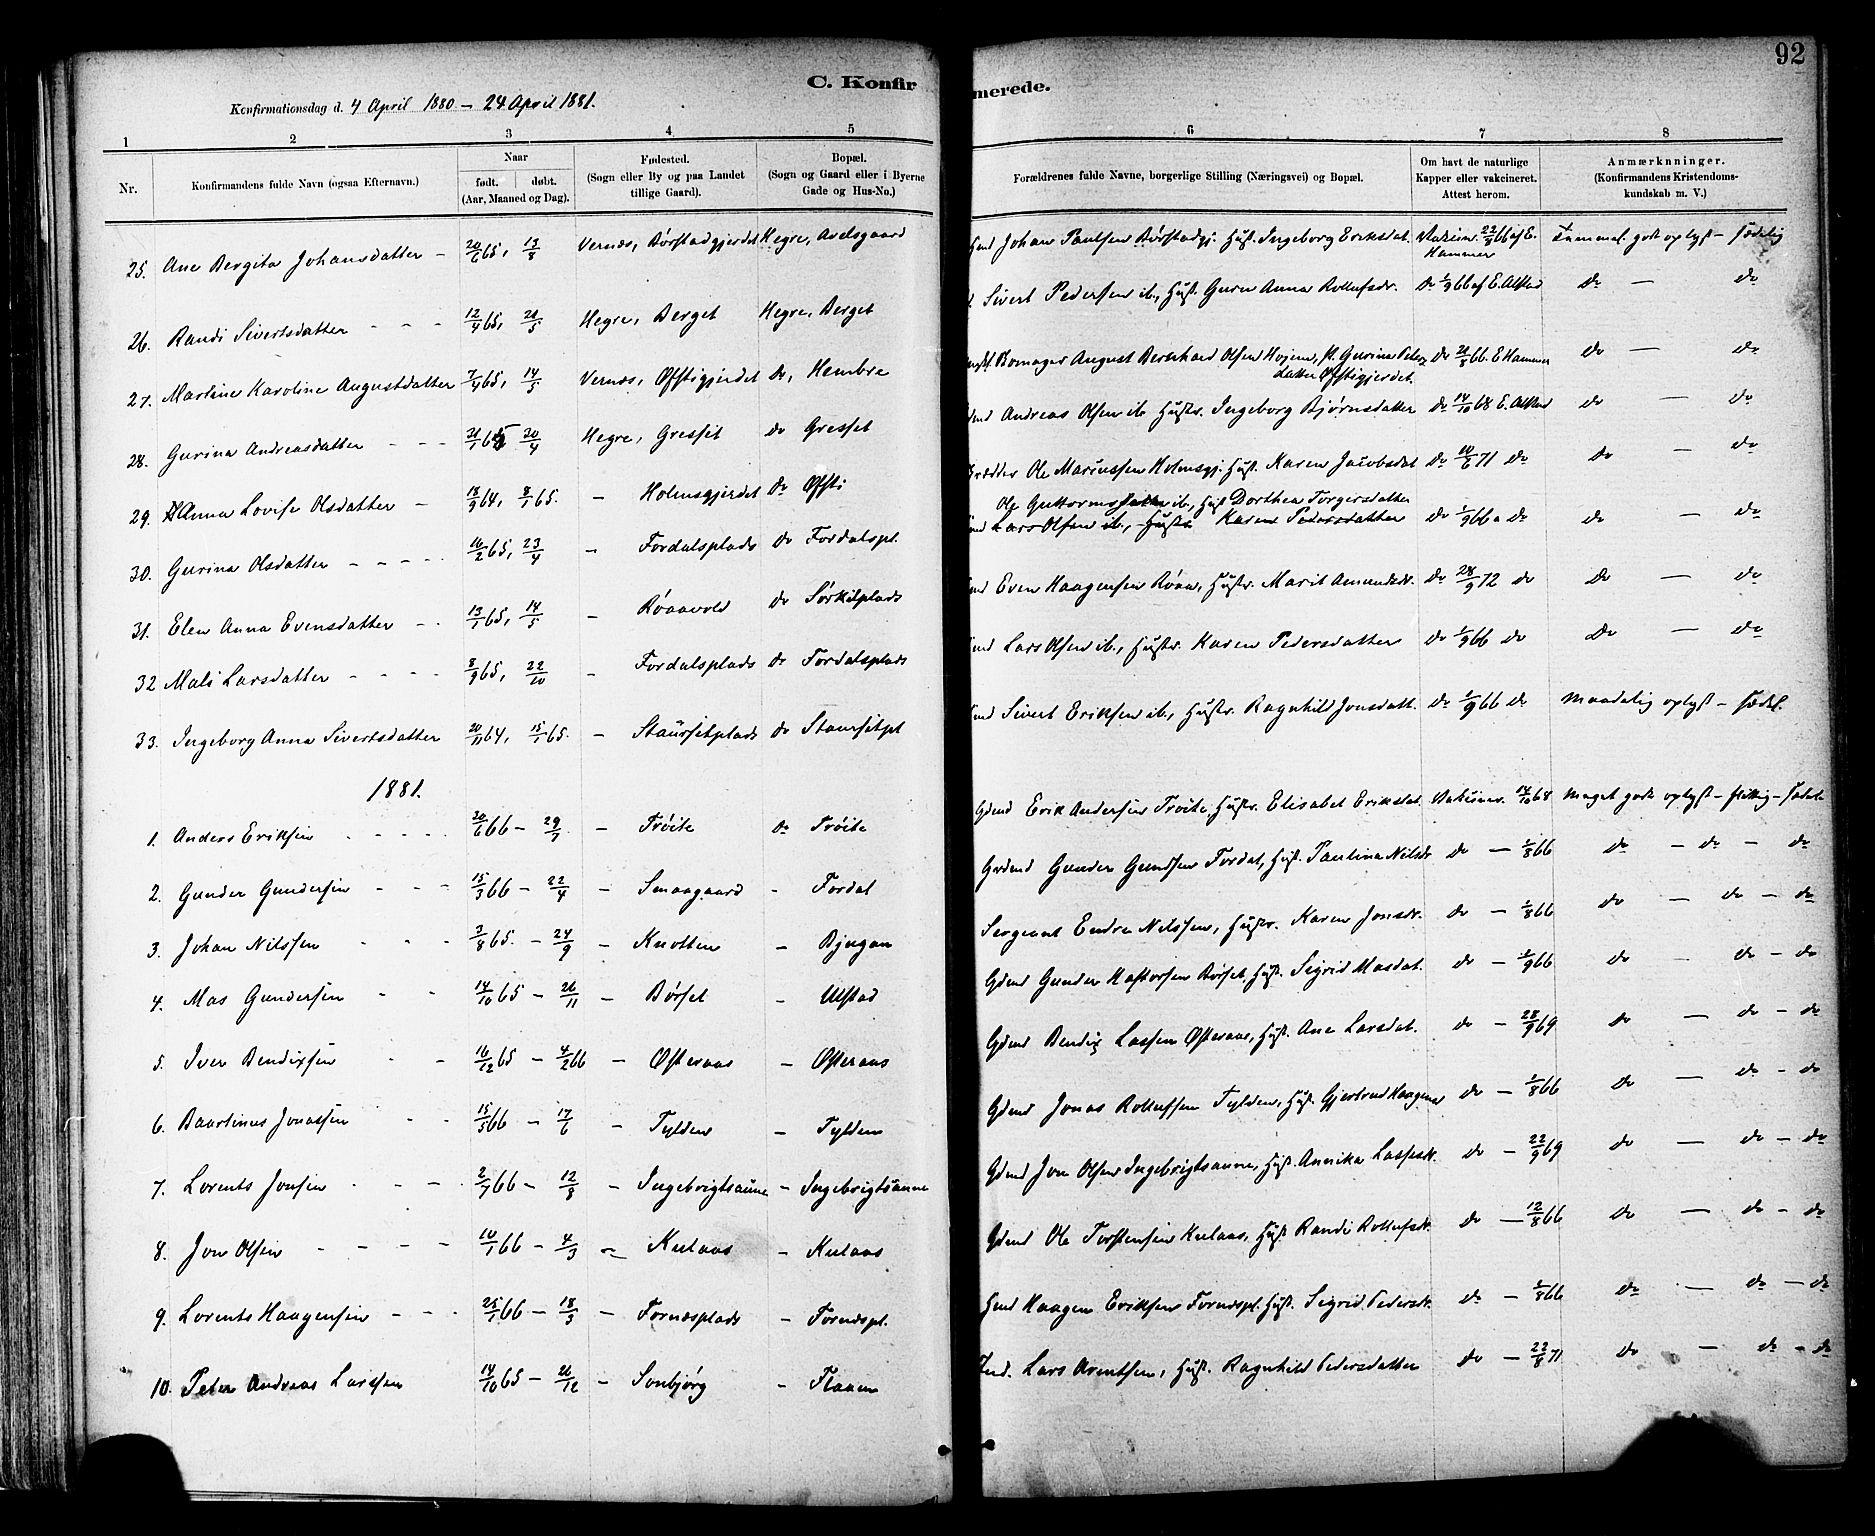 SAT, Ministerialprotokoller, klokkerbøker og fødselsregistre - Nord-Trøndelag, 703/L0030: Parish register (official) no. 703A03, 1880-1892, p. 92